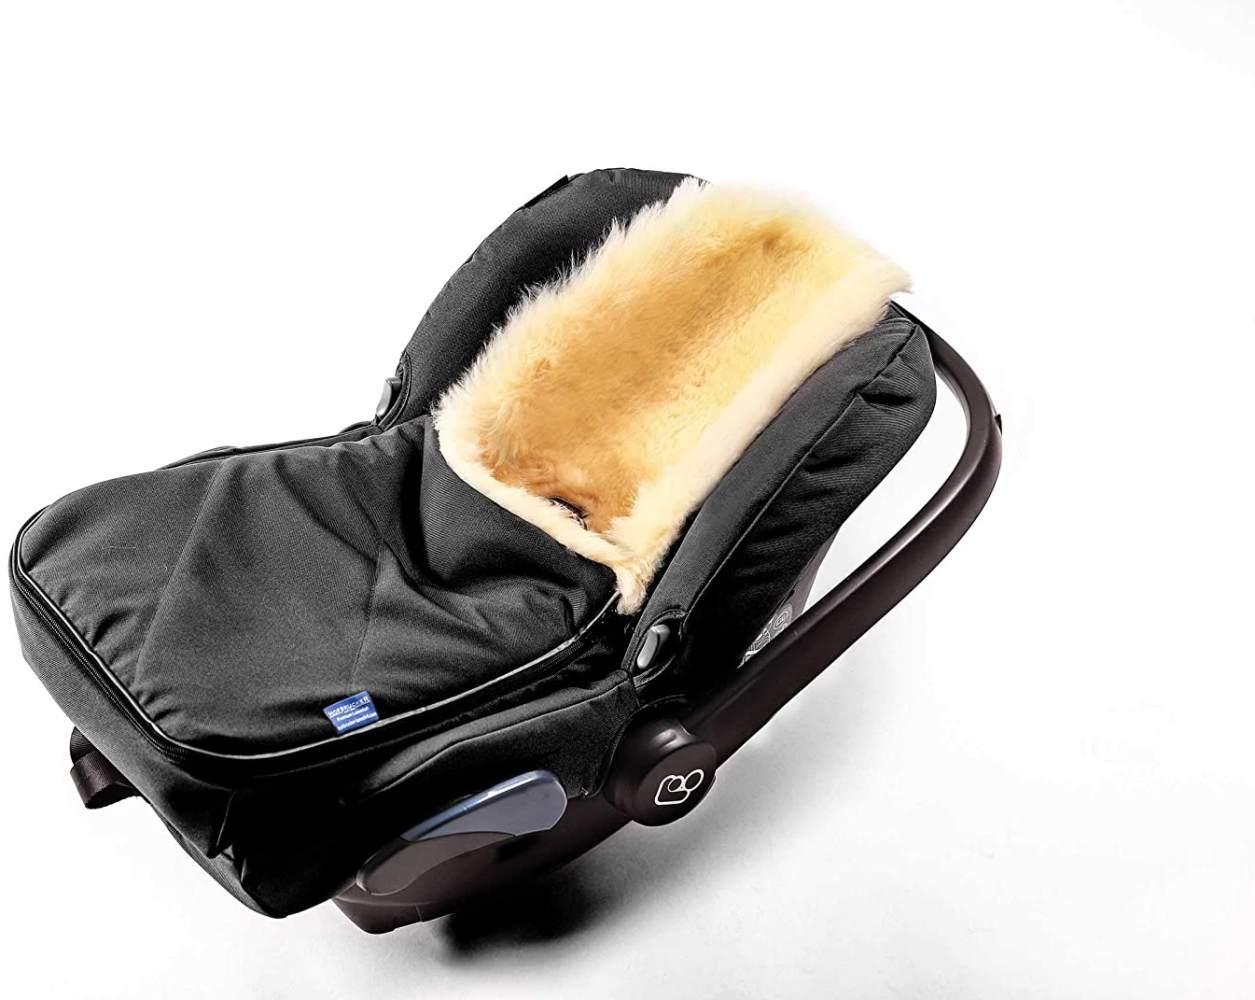 Fußsack für Babyschale Hofbrucker - kuscheliger universal Lammfellfußsack, medizinisches echtes Fell, für Tragetasche, Kinderwagen und Buggy geeignet, Design:schwarz' Bild 1